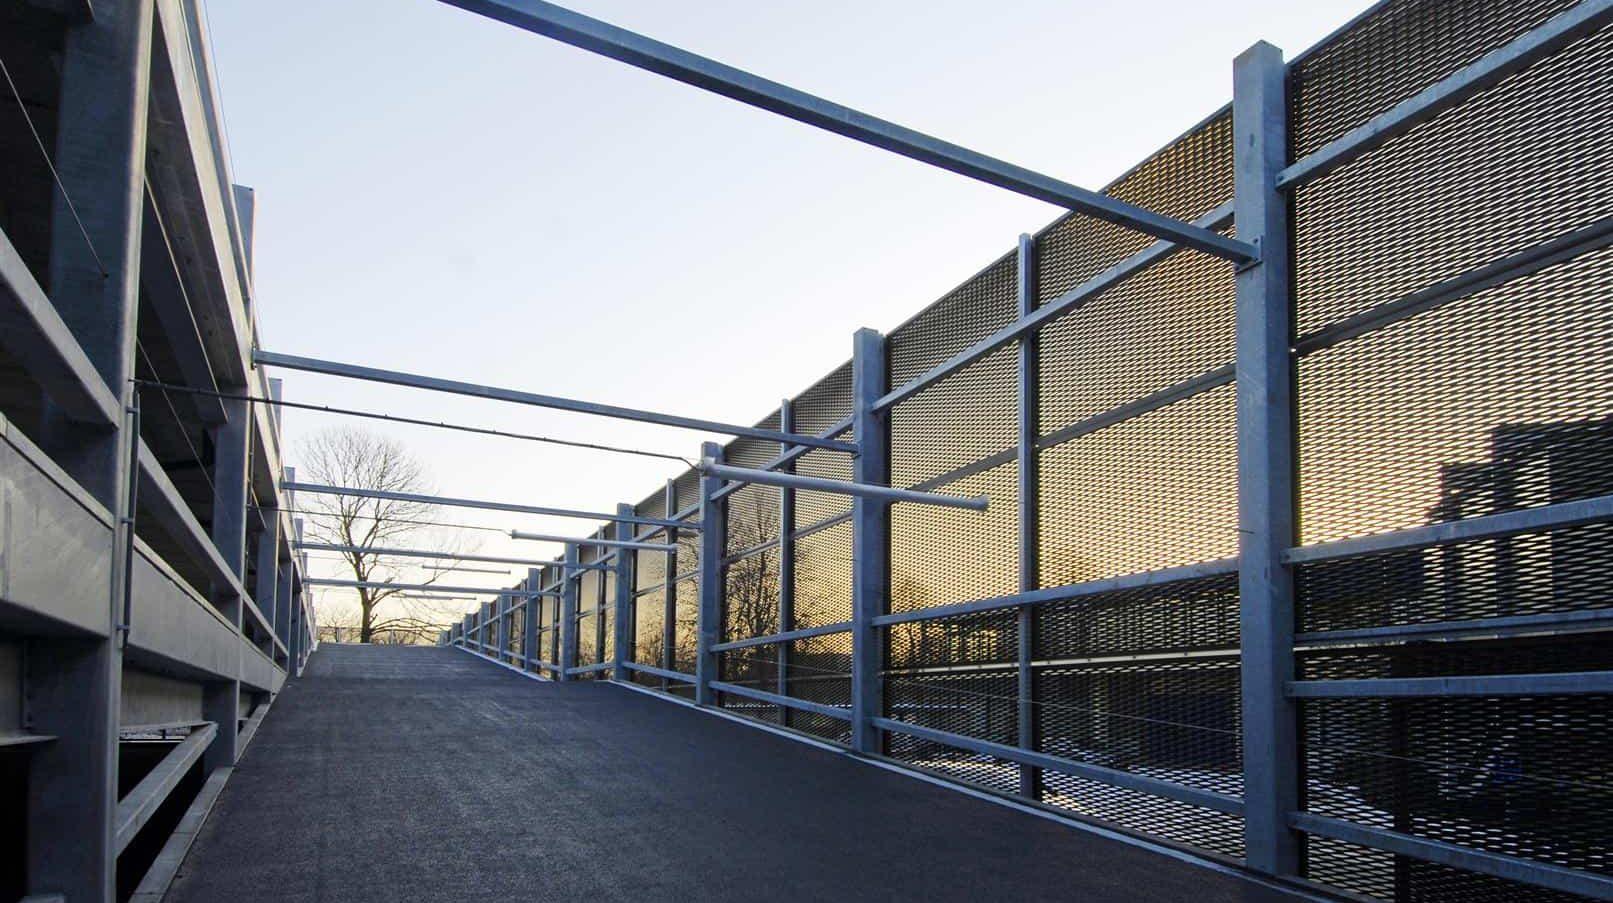 Ingang van de Parkeergarage Catalyst in Eindhoven dat voorzien is van een MD steekmetaal gevel